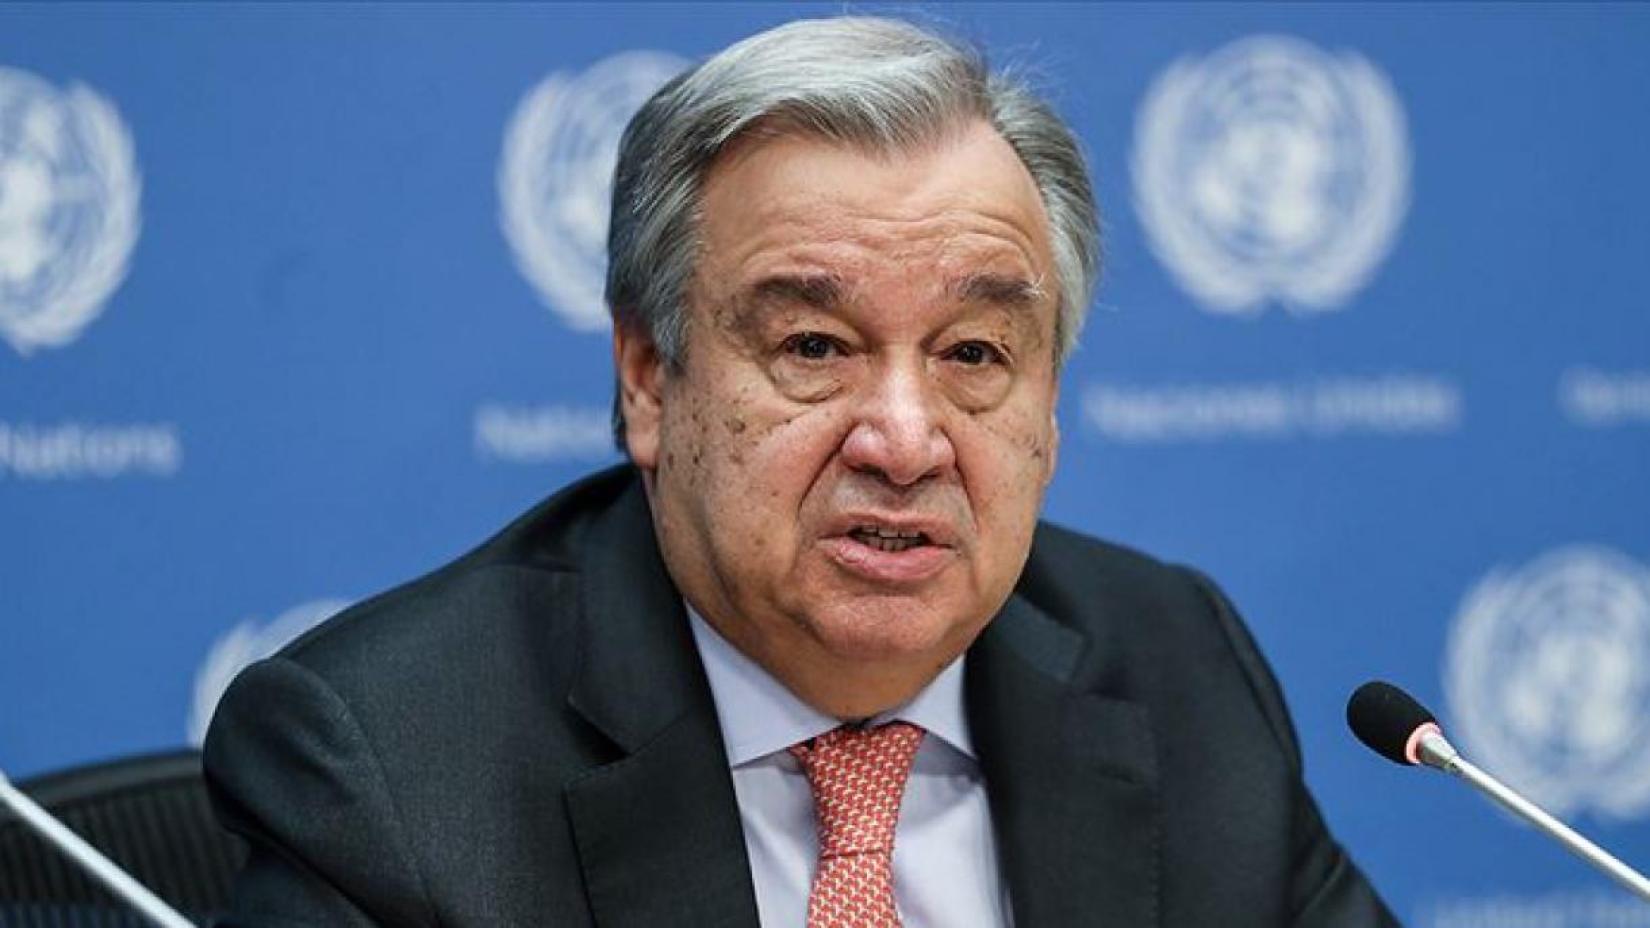 Генеральный секретарь Антониу Гутерриш: Достижение углеродной нейтральности к 2050 году - самая неотложная глобальная задача | Организация объединенных наций в Кыргызстане